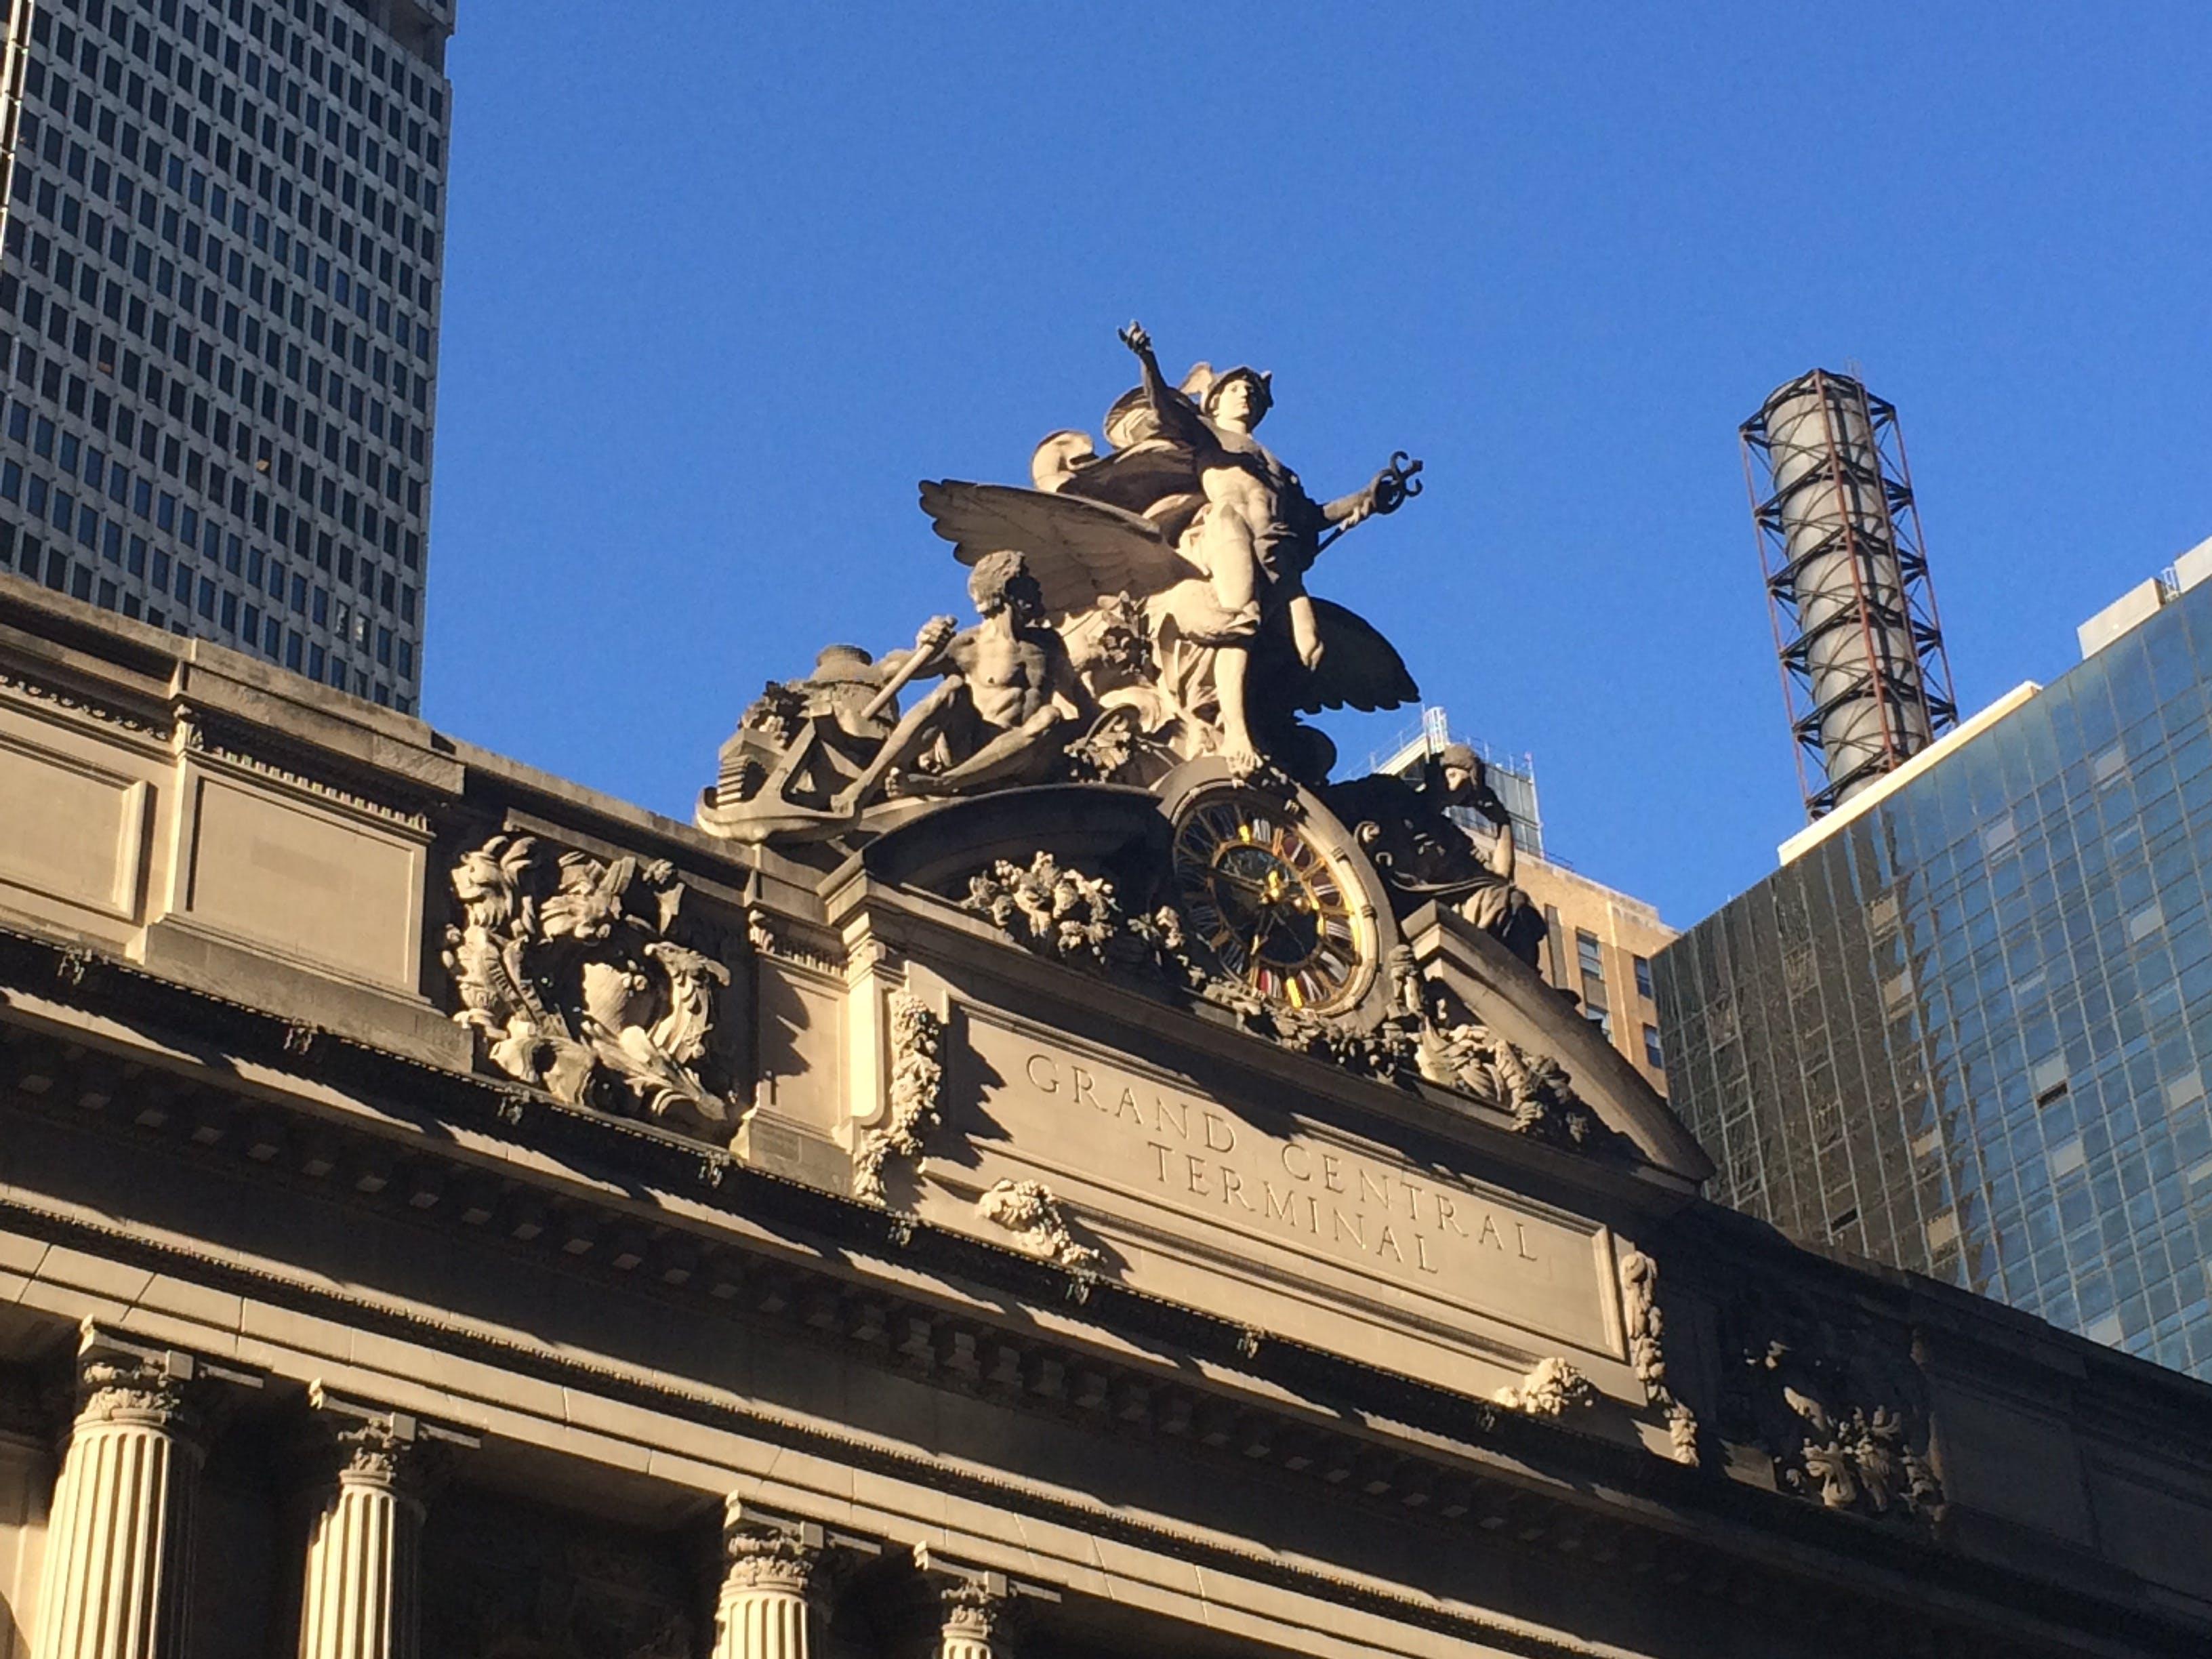 Gratis stockfoto met architectuur, attractie, beeld, beelden